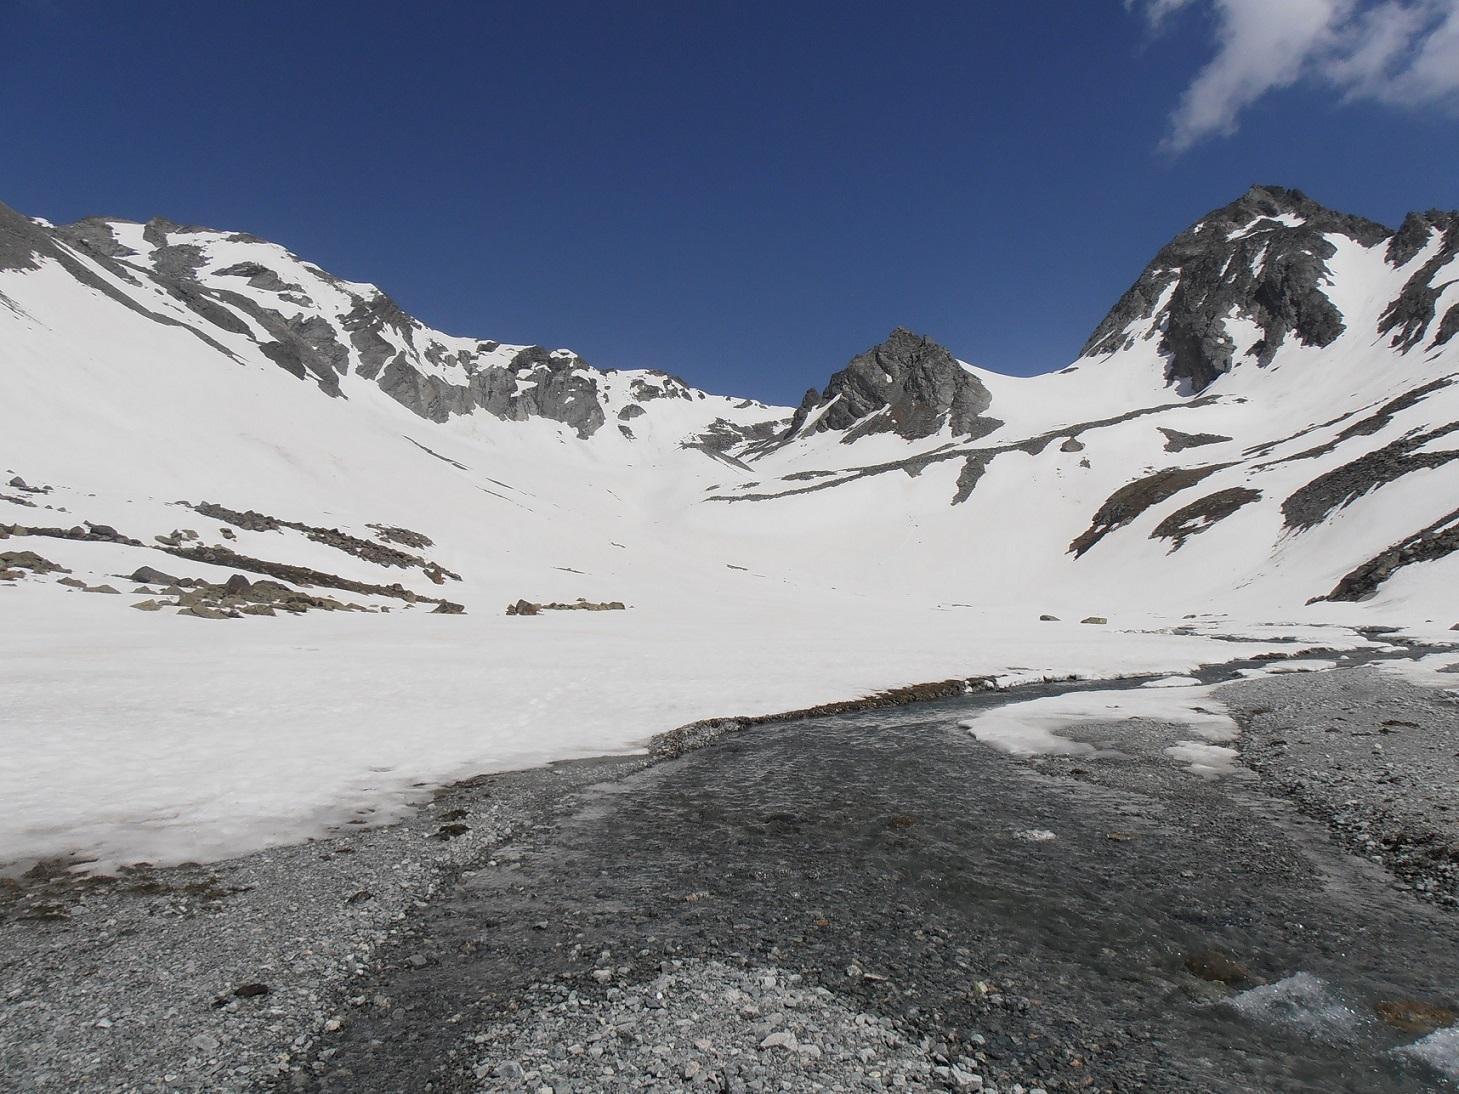 07 - pianoro del Bivacco Spataro, elevata probabilità di farsi il bagno nel guadare i ruscelli sommersi dalla neve